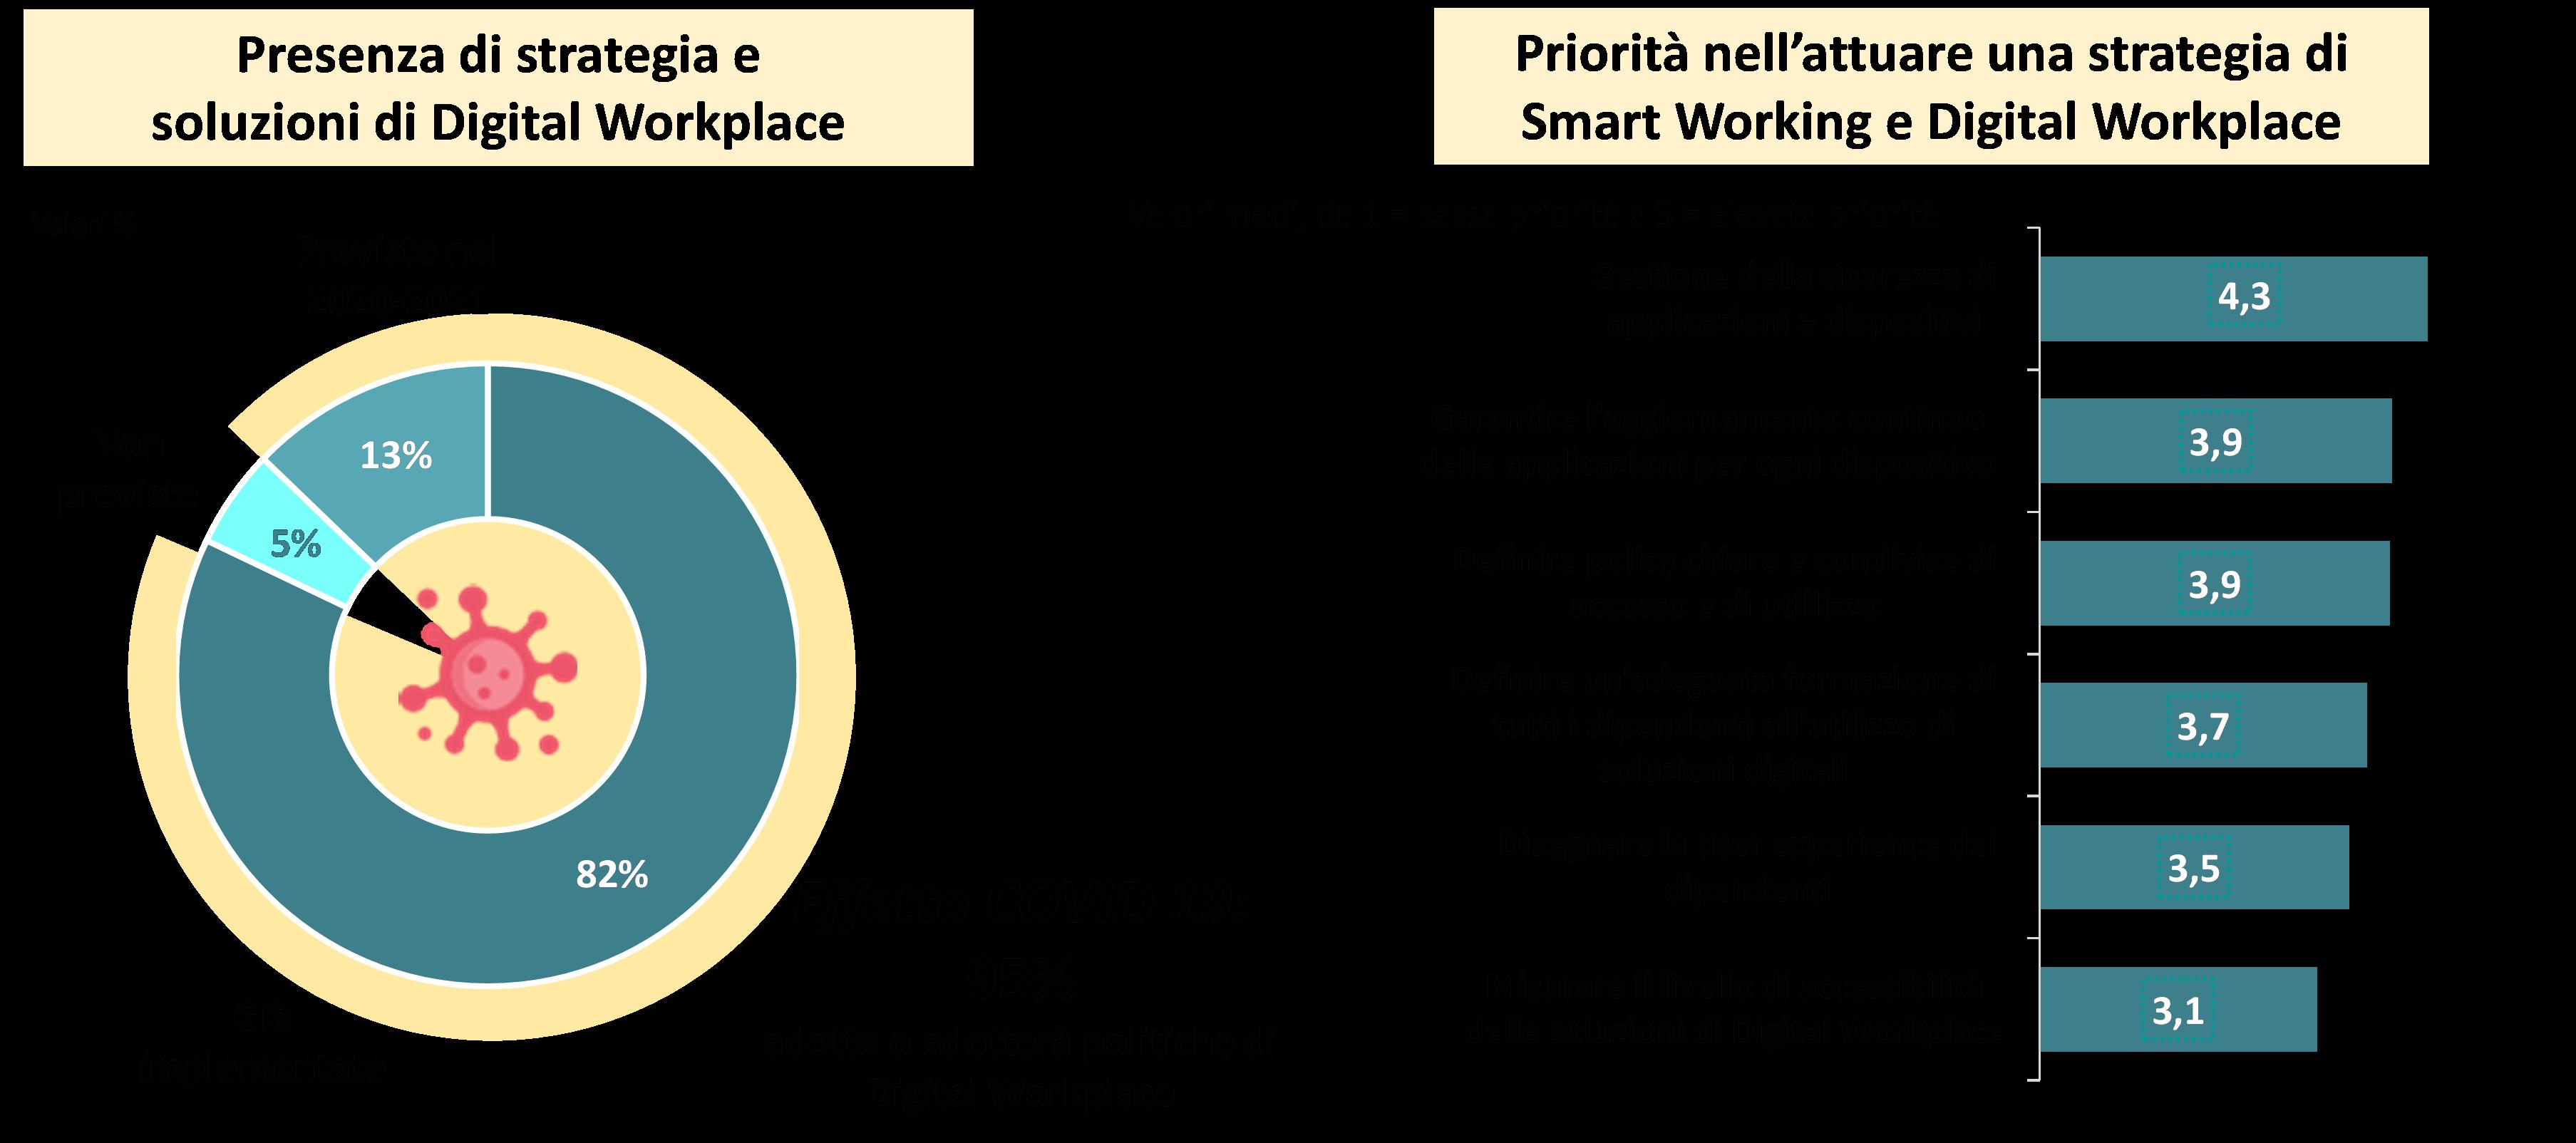 Strategia e priorità nell'adozione del Digital Workplace - Fonte: NetConsulting cube Maggio 2020